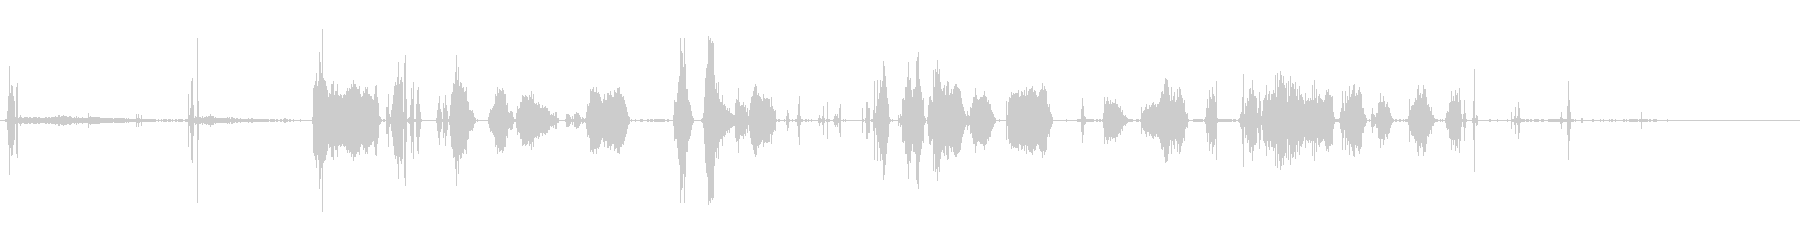 サーボスモールブロークン;オン、悪...の未再生の波形